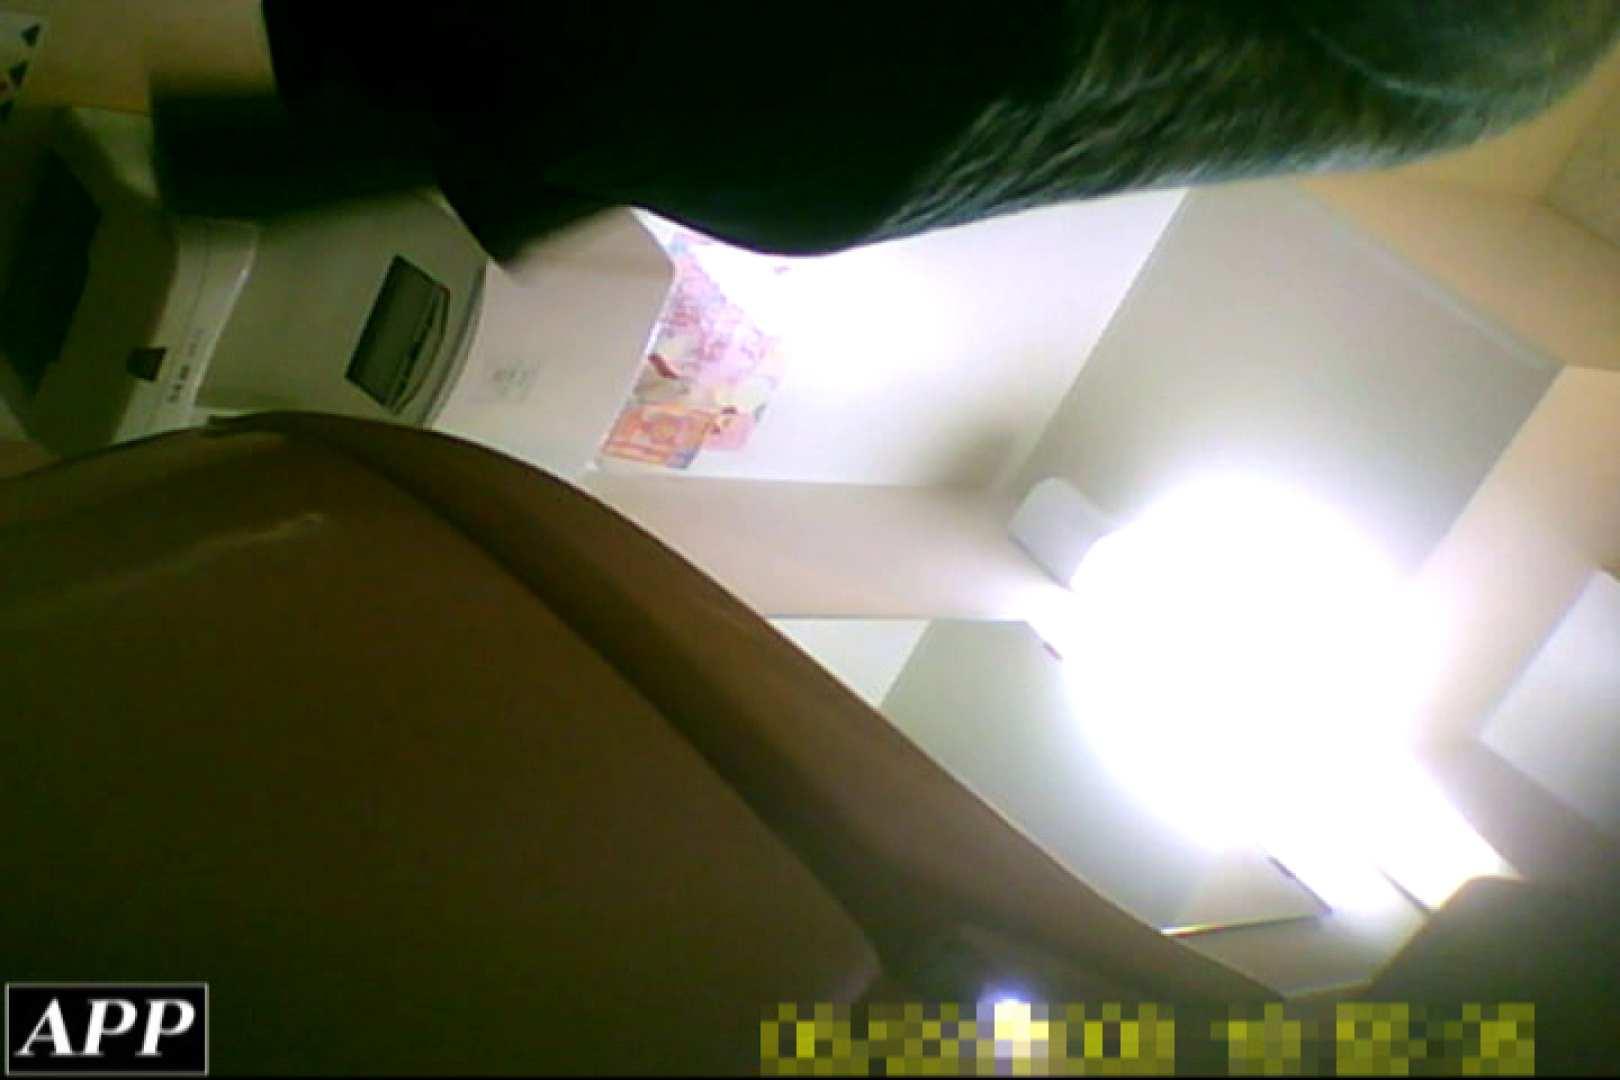 3視点洗面所 vol.73 OLのボディ 濡れ場動画紹介 82PIX 80